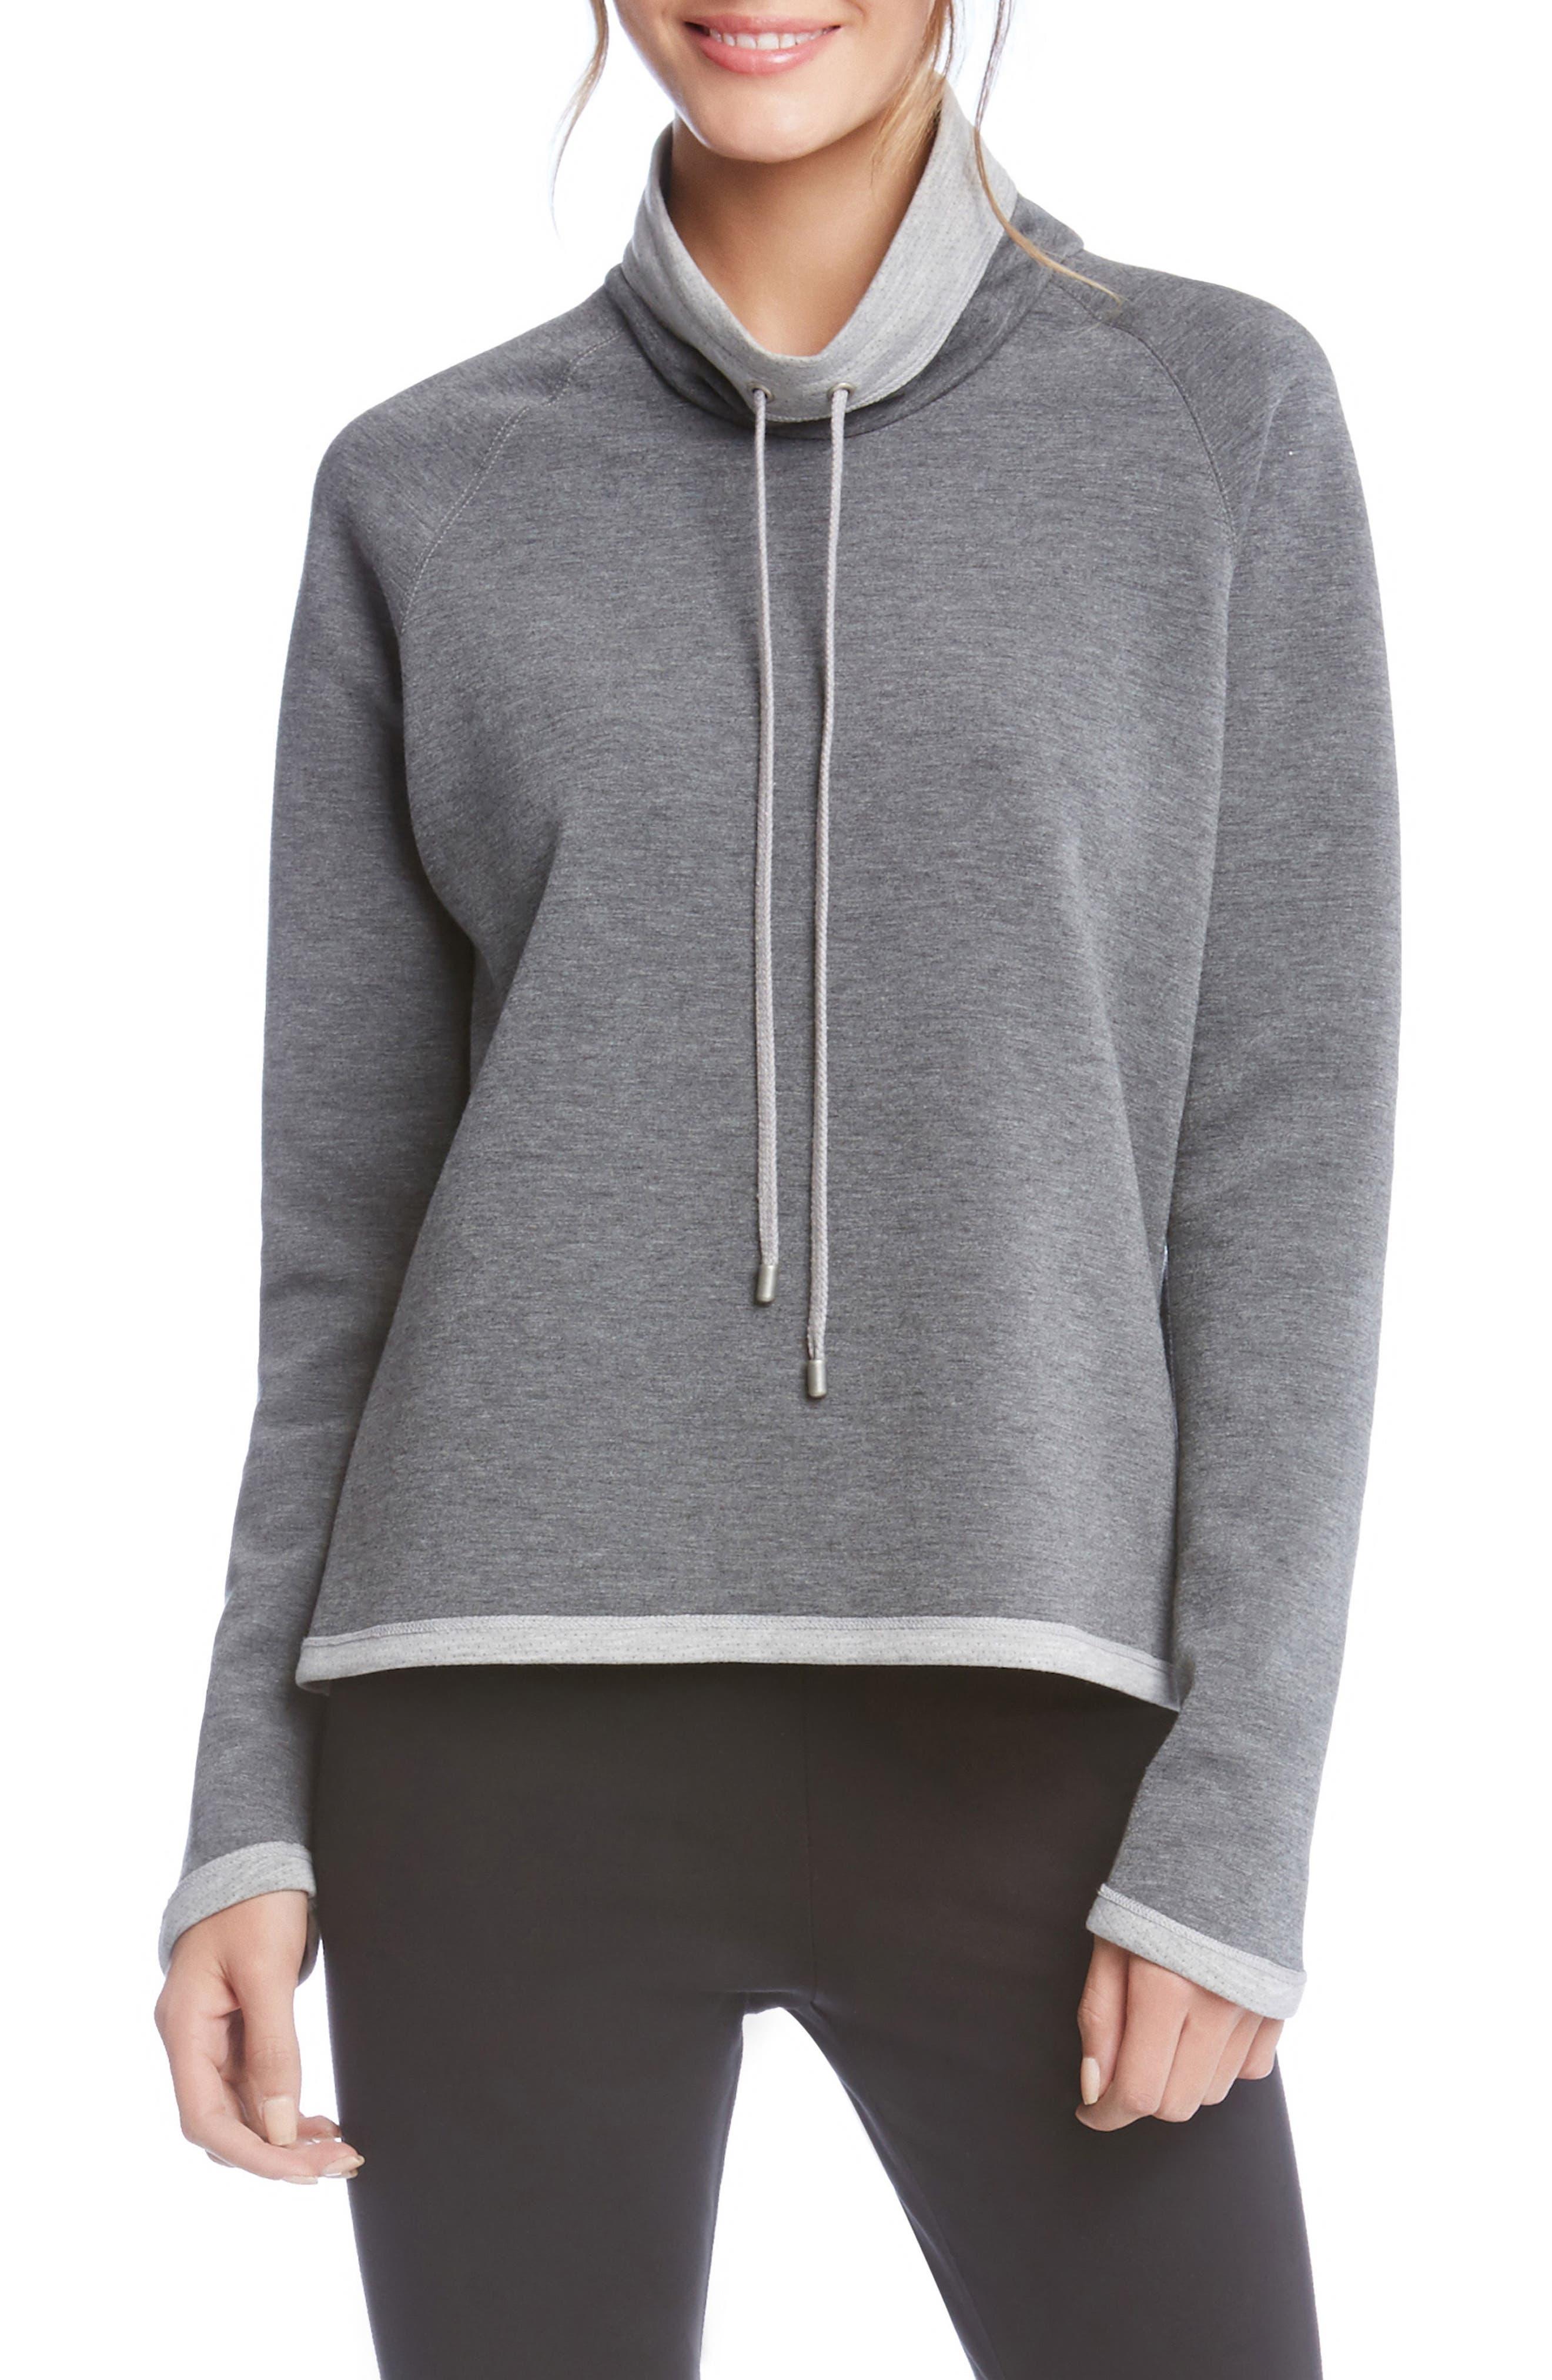 Alternate Image 1 Selected - Karen Kane Drawstring Neck Contrast Trim Sweatshirt